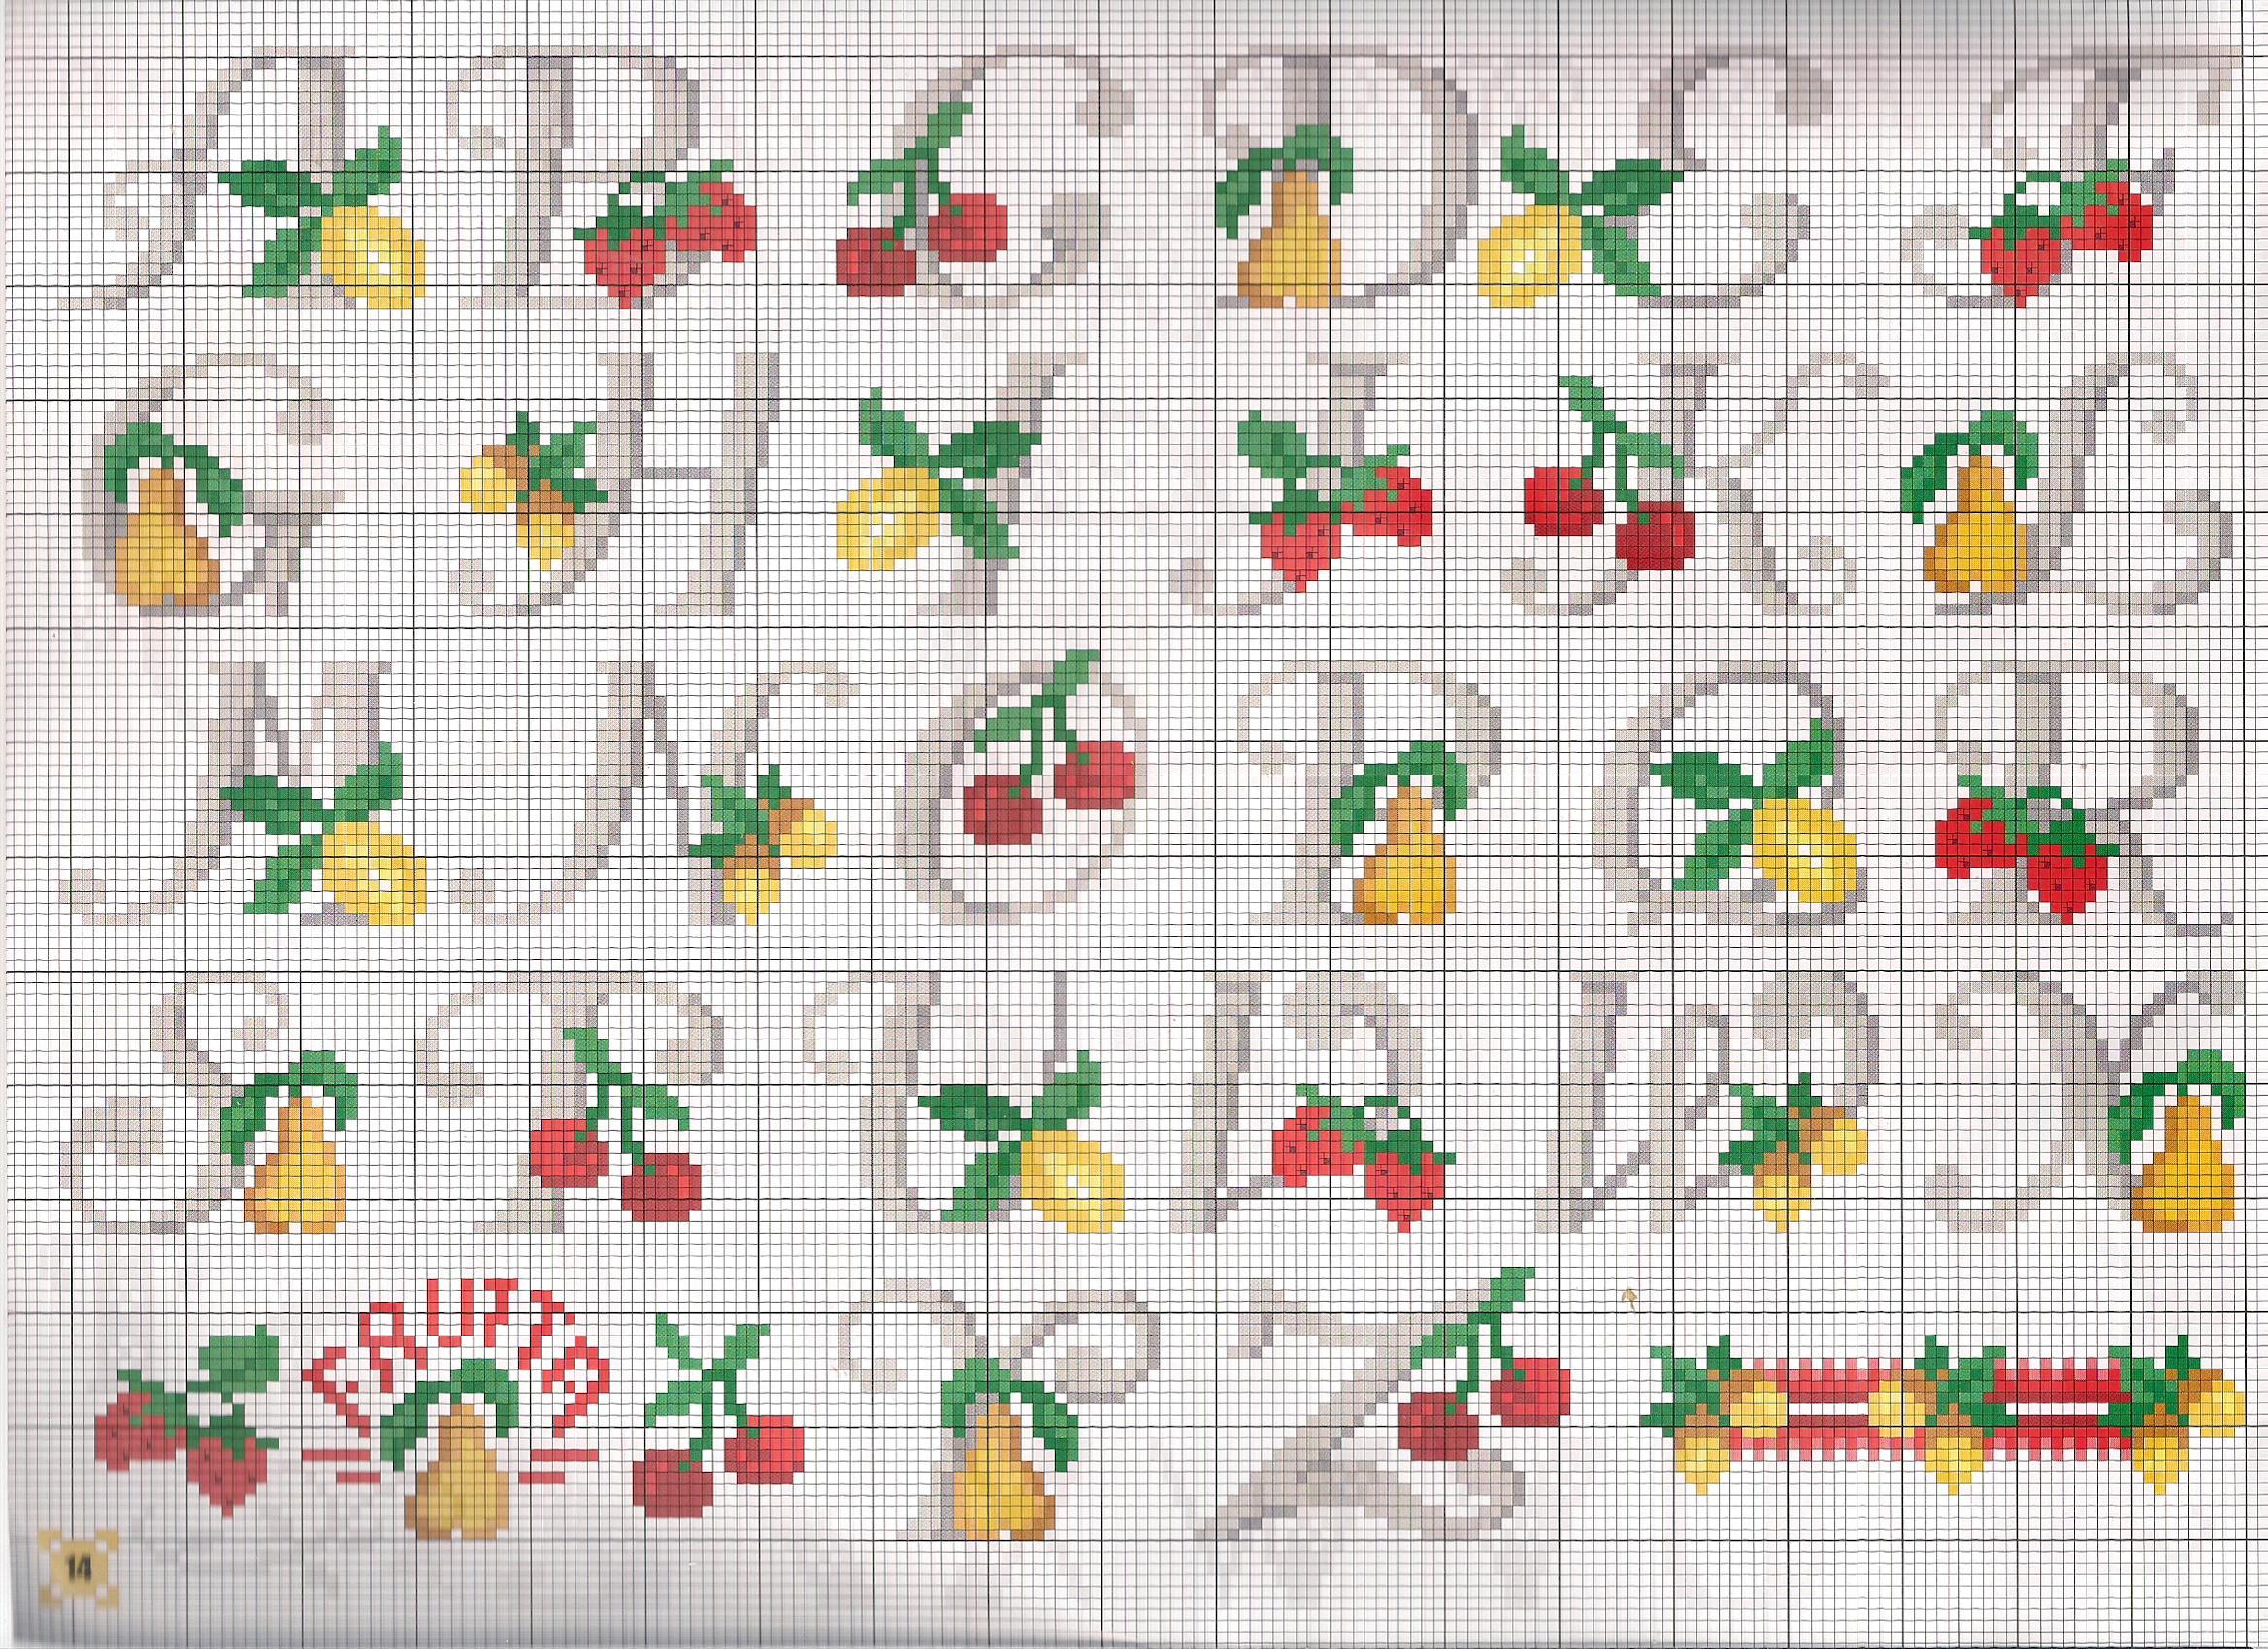 Alfabeto frutta punto croce uncinetto for Punto croce schemi alfabeto